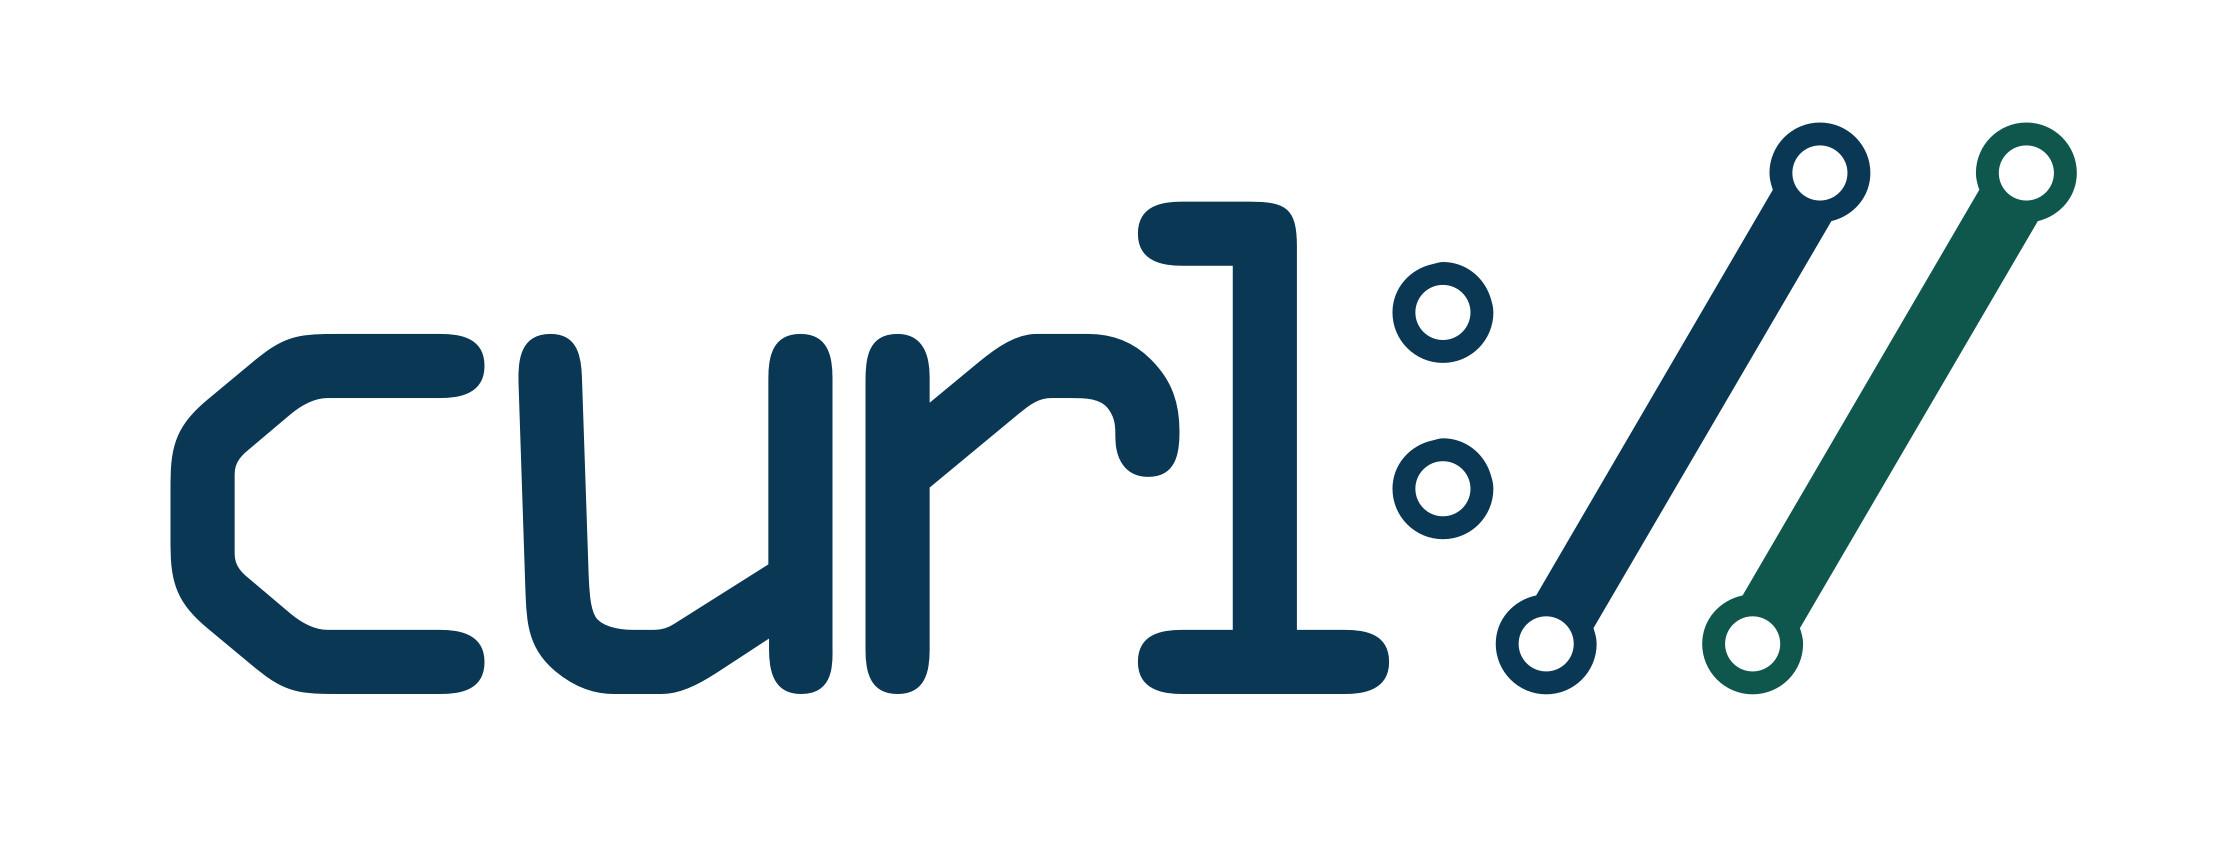 آموزش استفاده از cURL در خط فرمان لینوکس